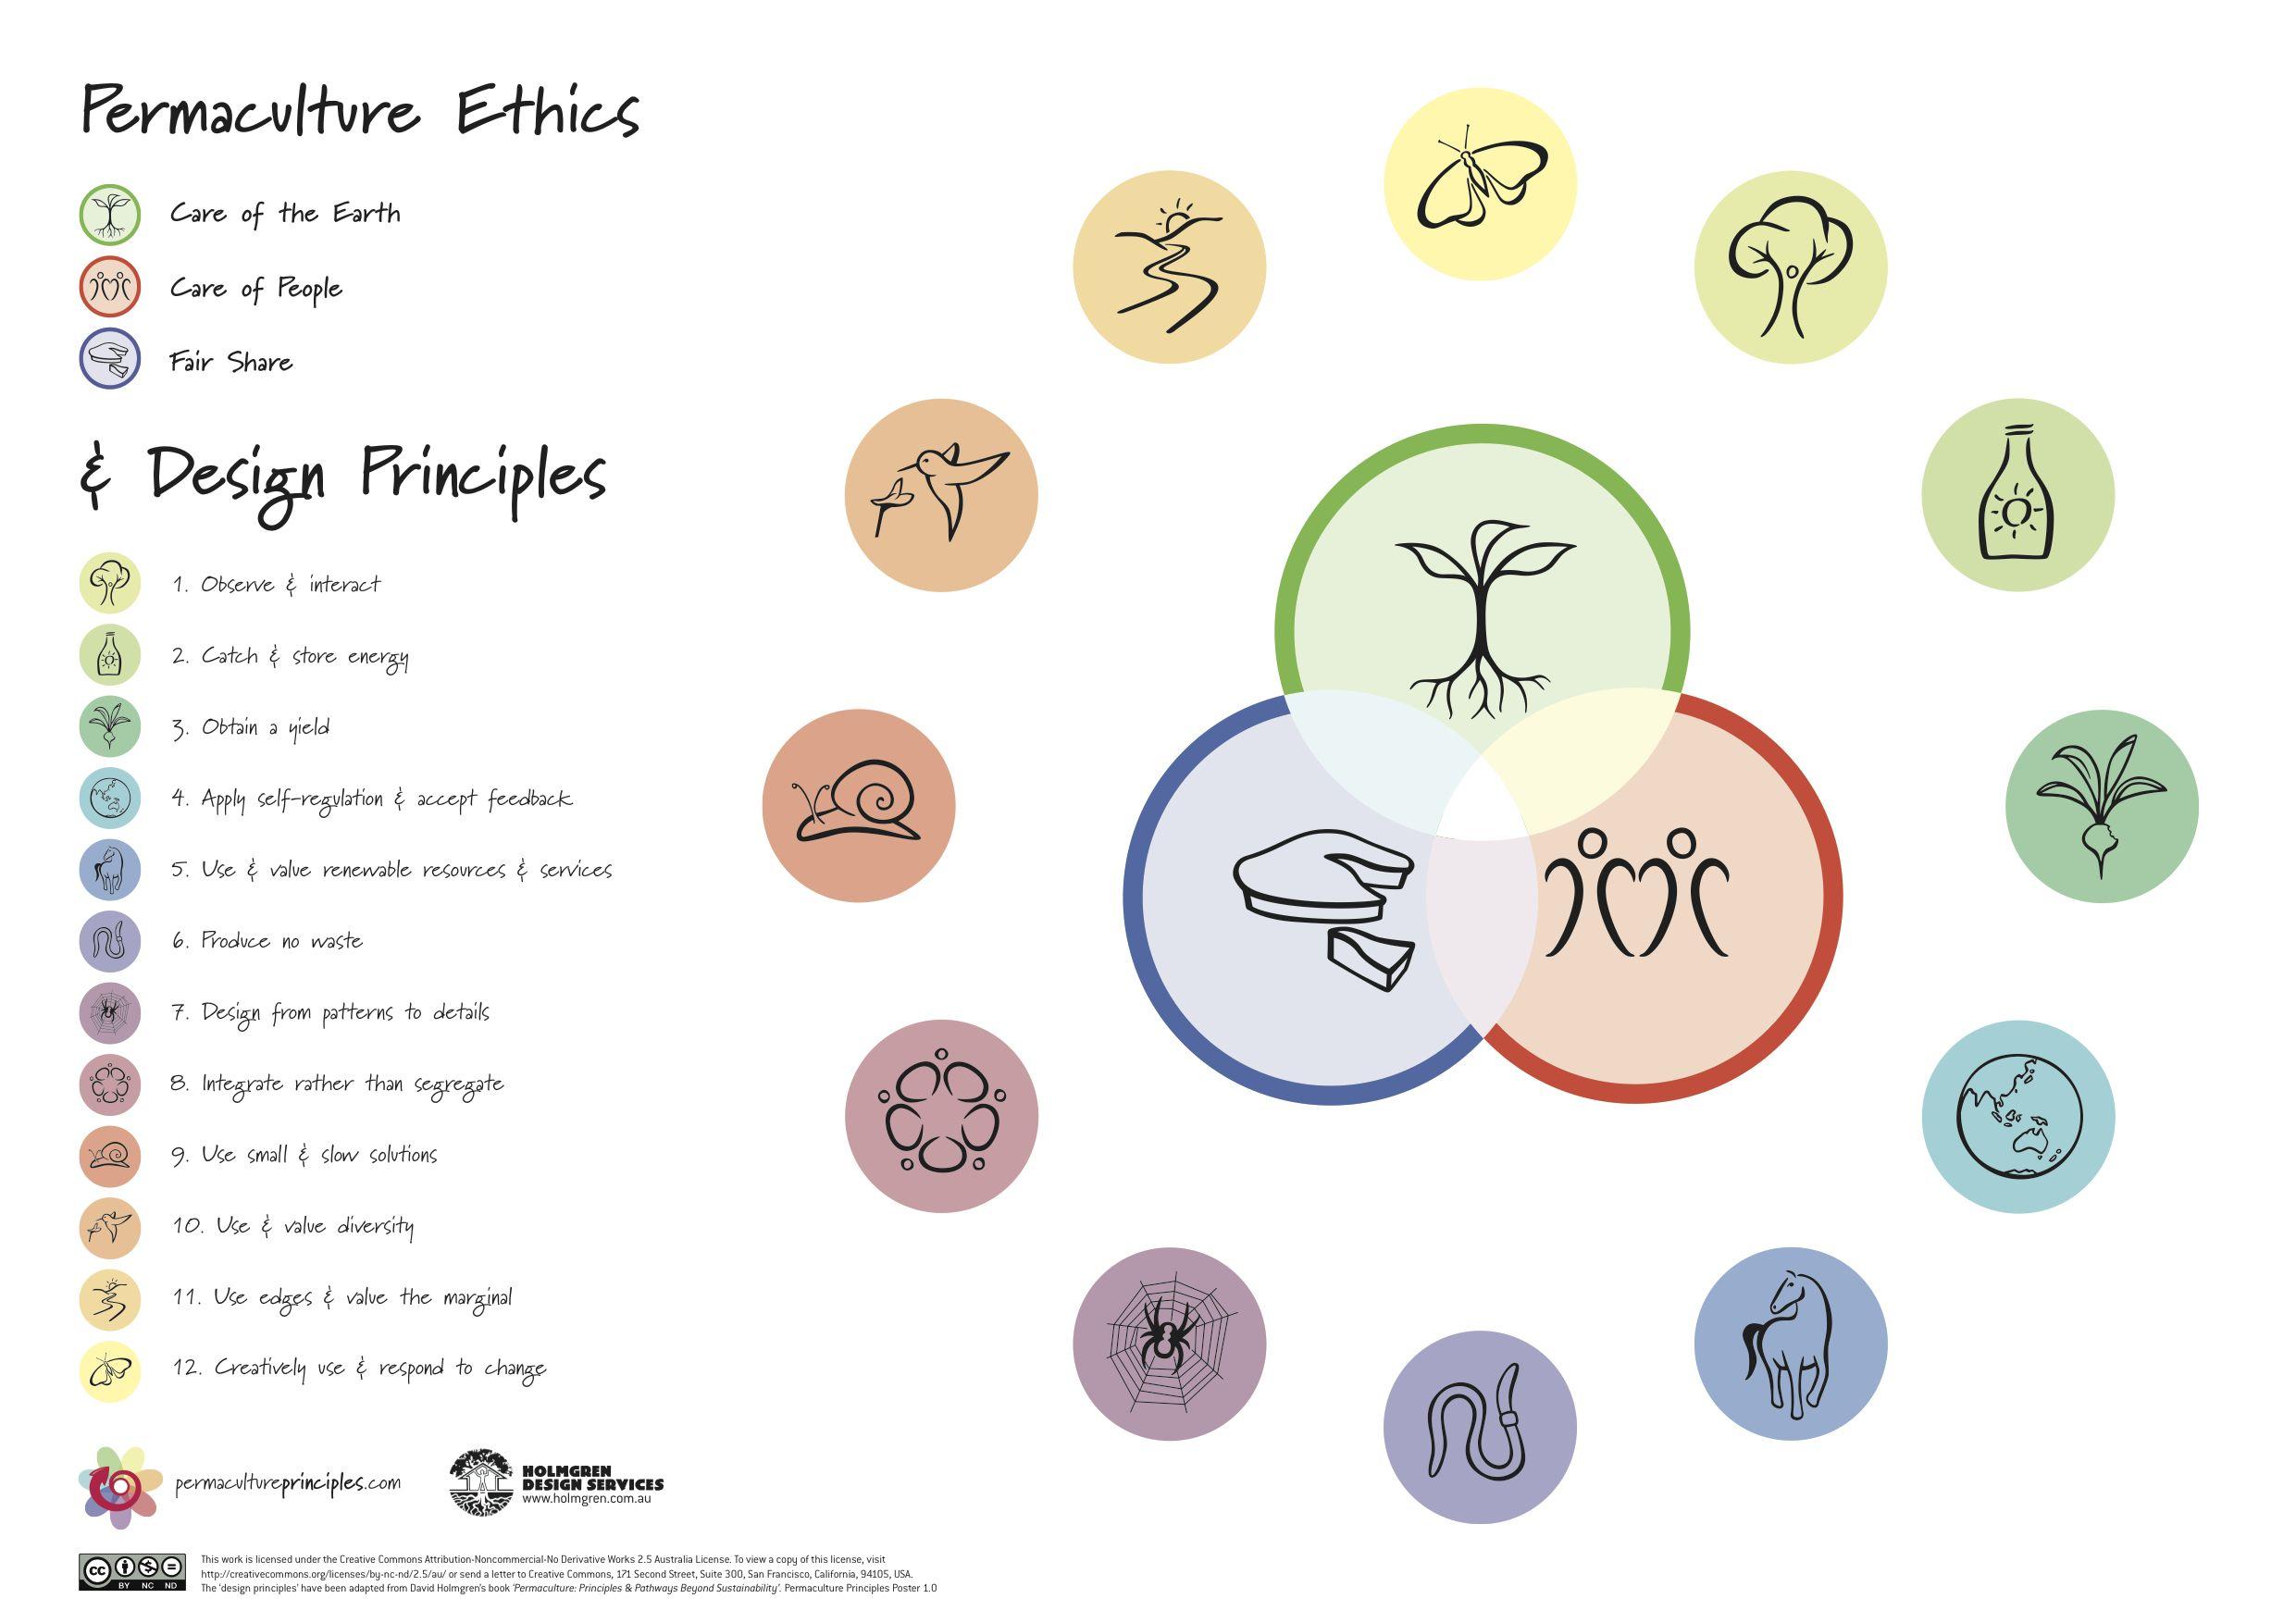 perma principles and ethics.jpg